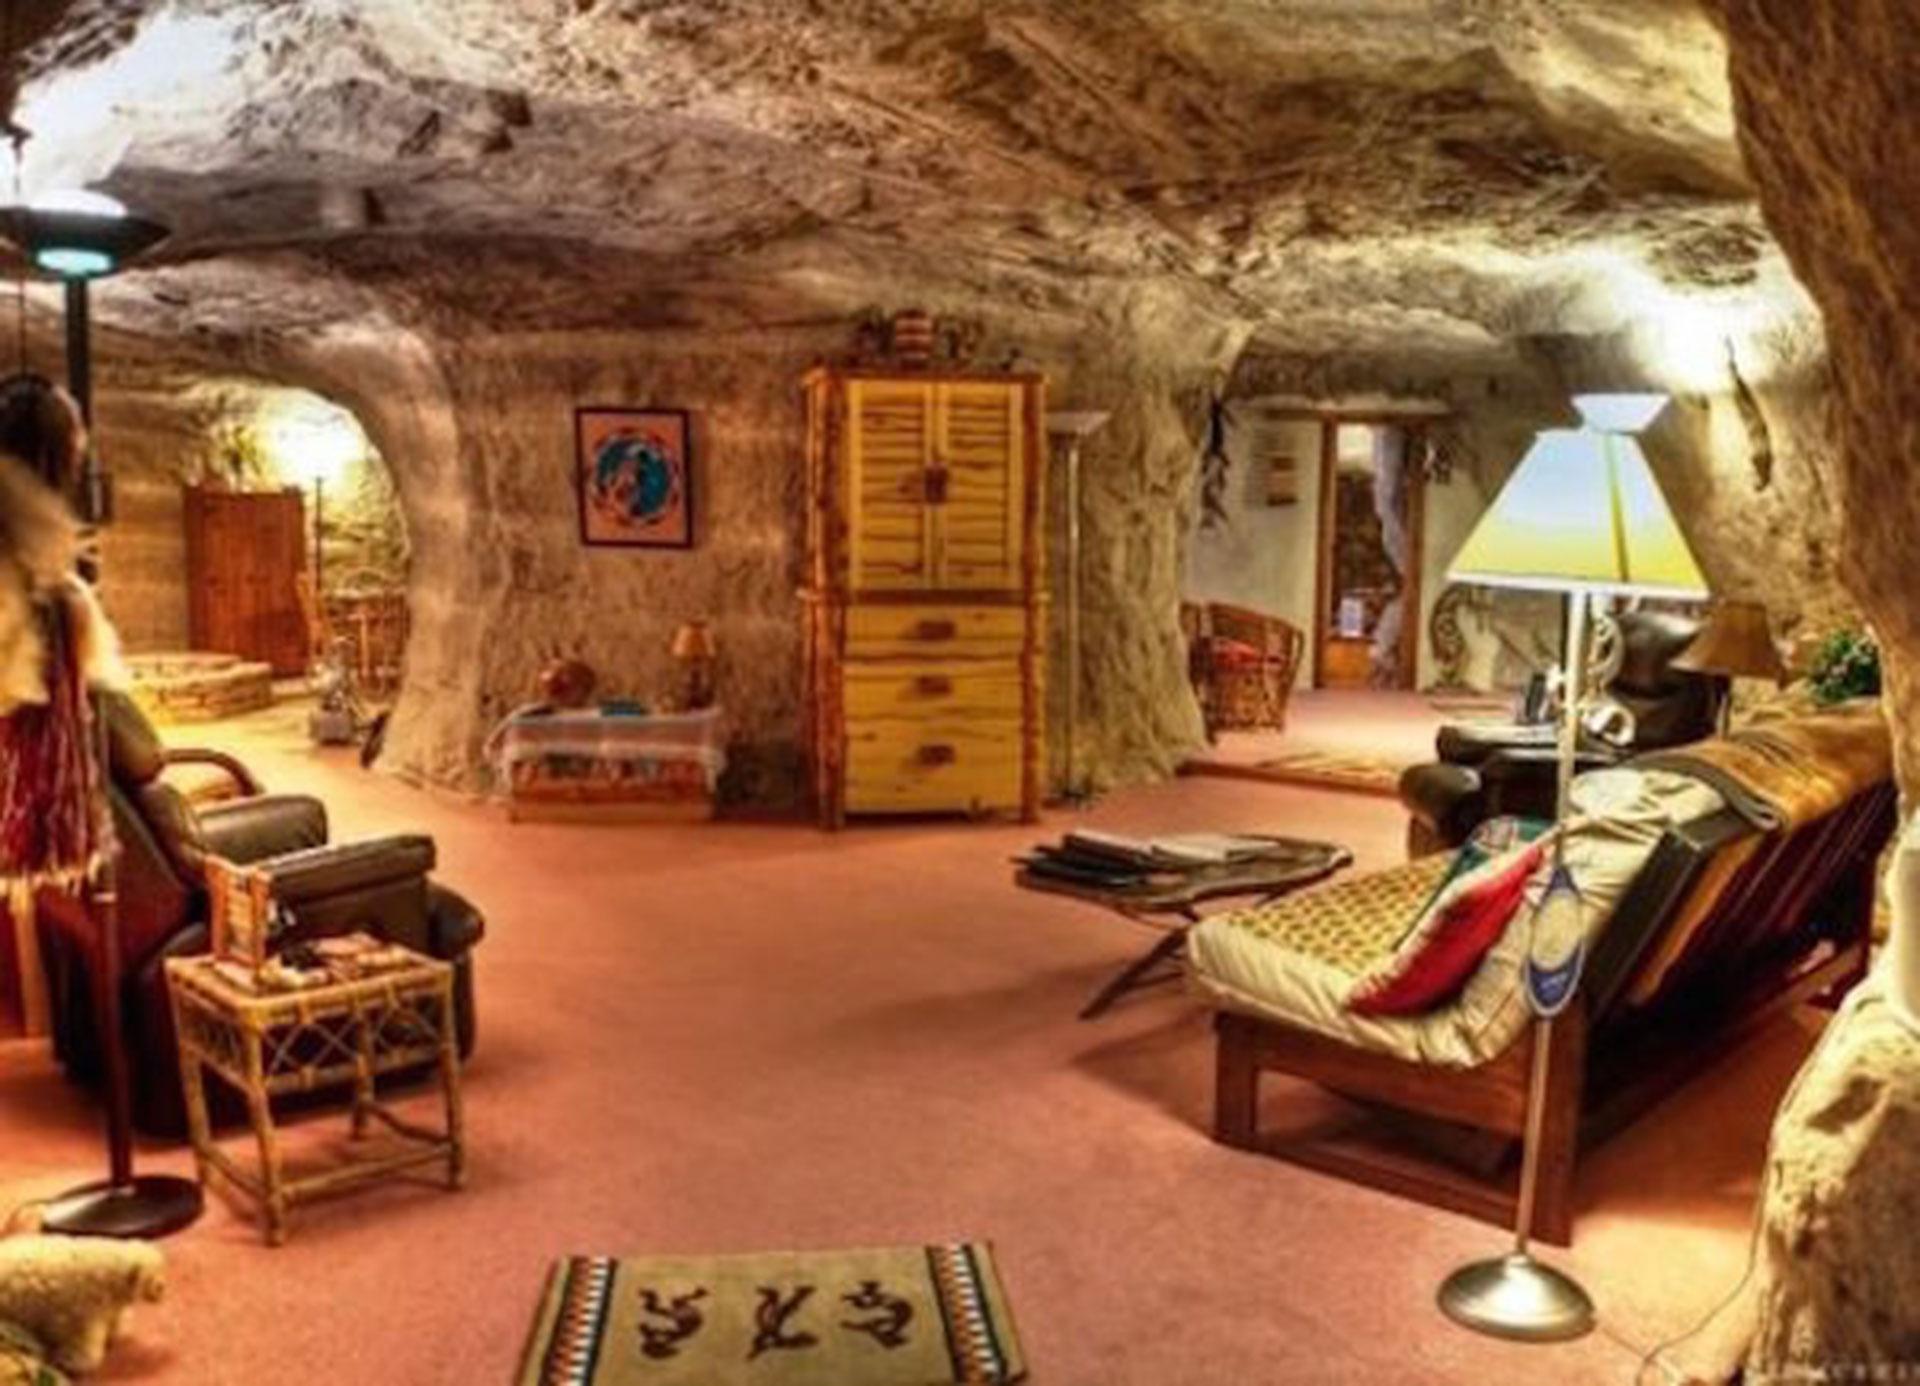 Kokopelli's Cave Bed & Breakfast (Farmington, en Nuevo México, Estados Unidos). Está construido dentro de una cueva, en una montaña del Parque nacional Mesa Verde